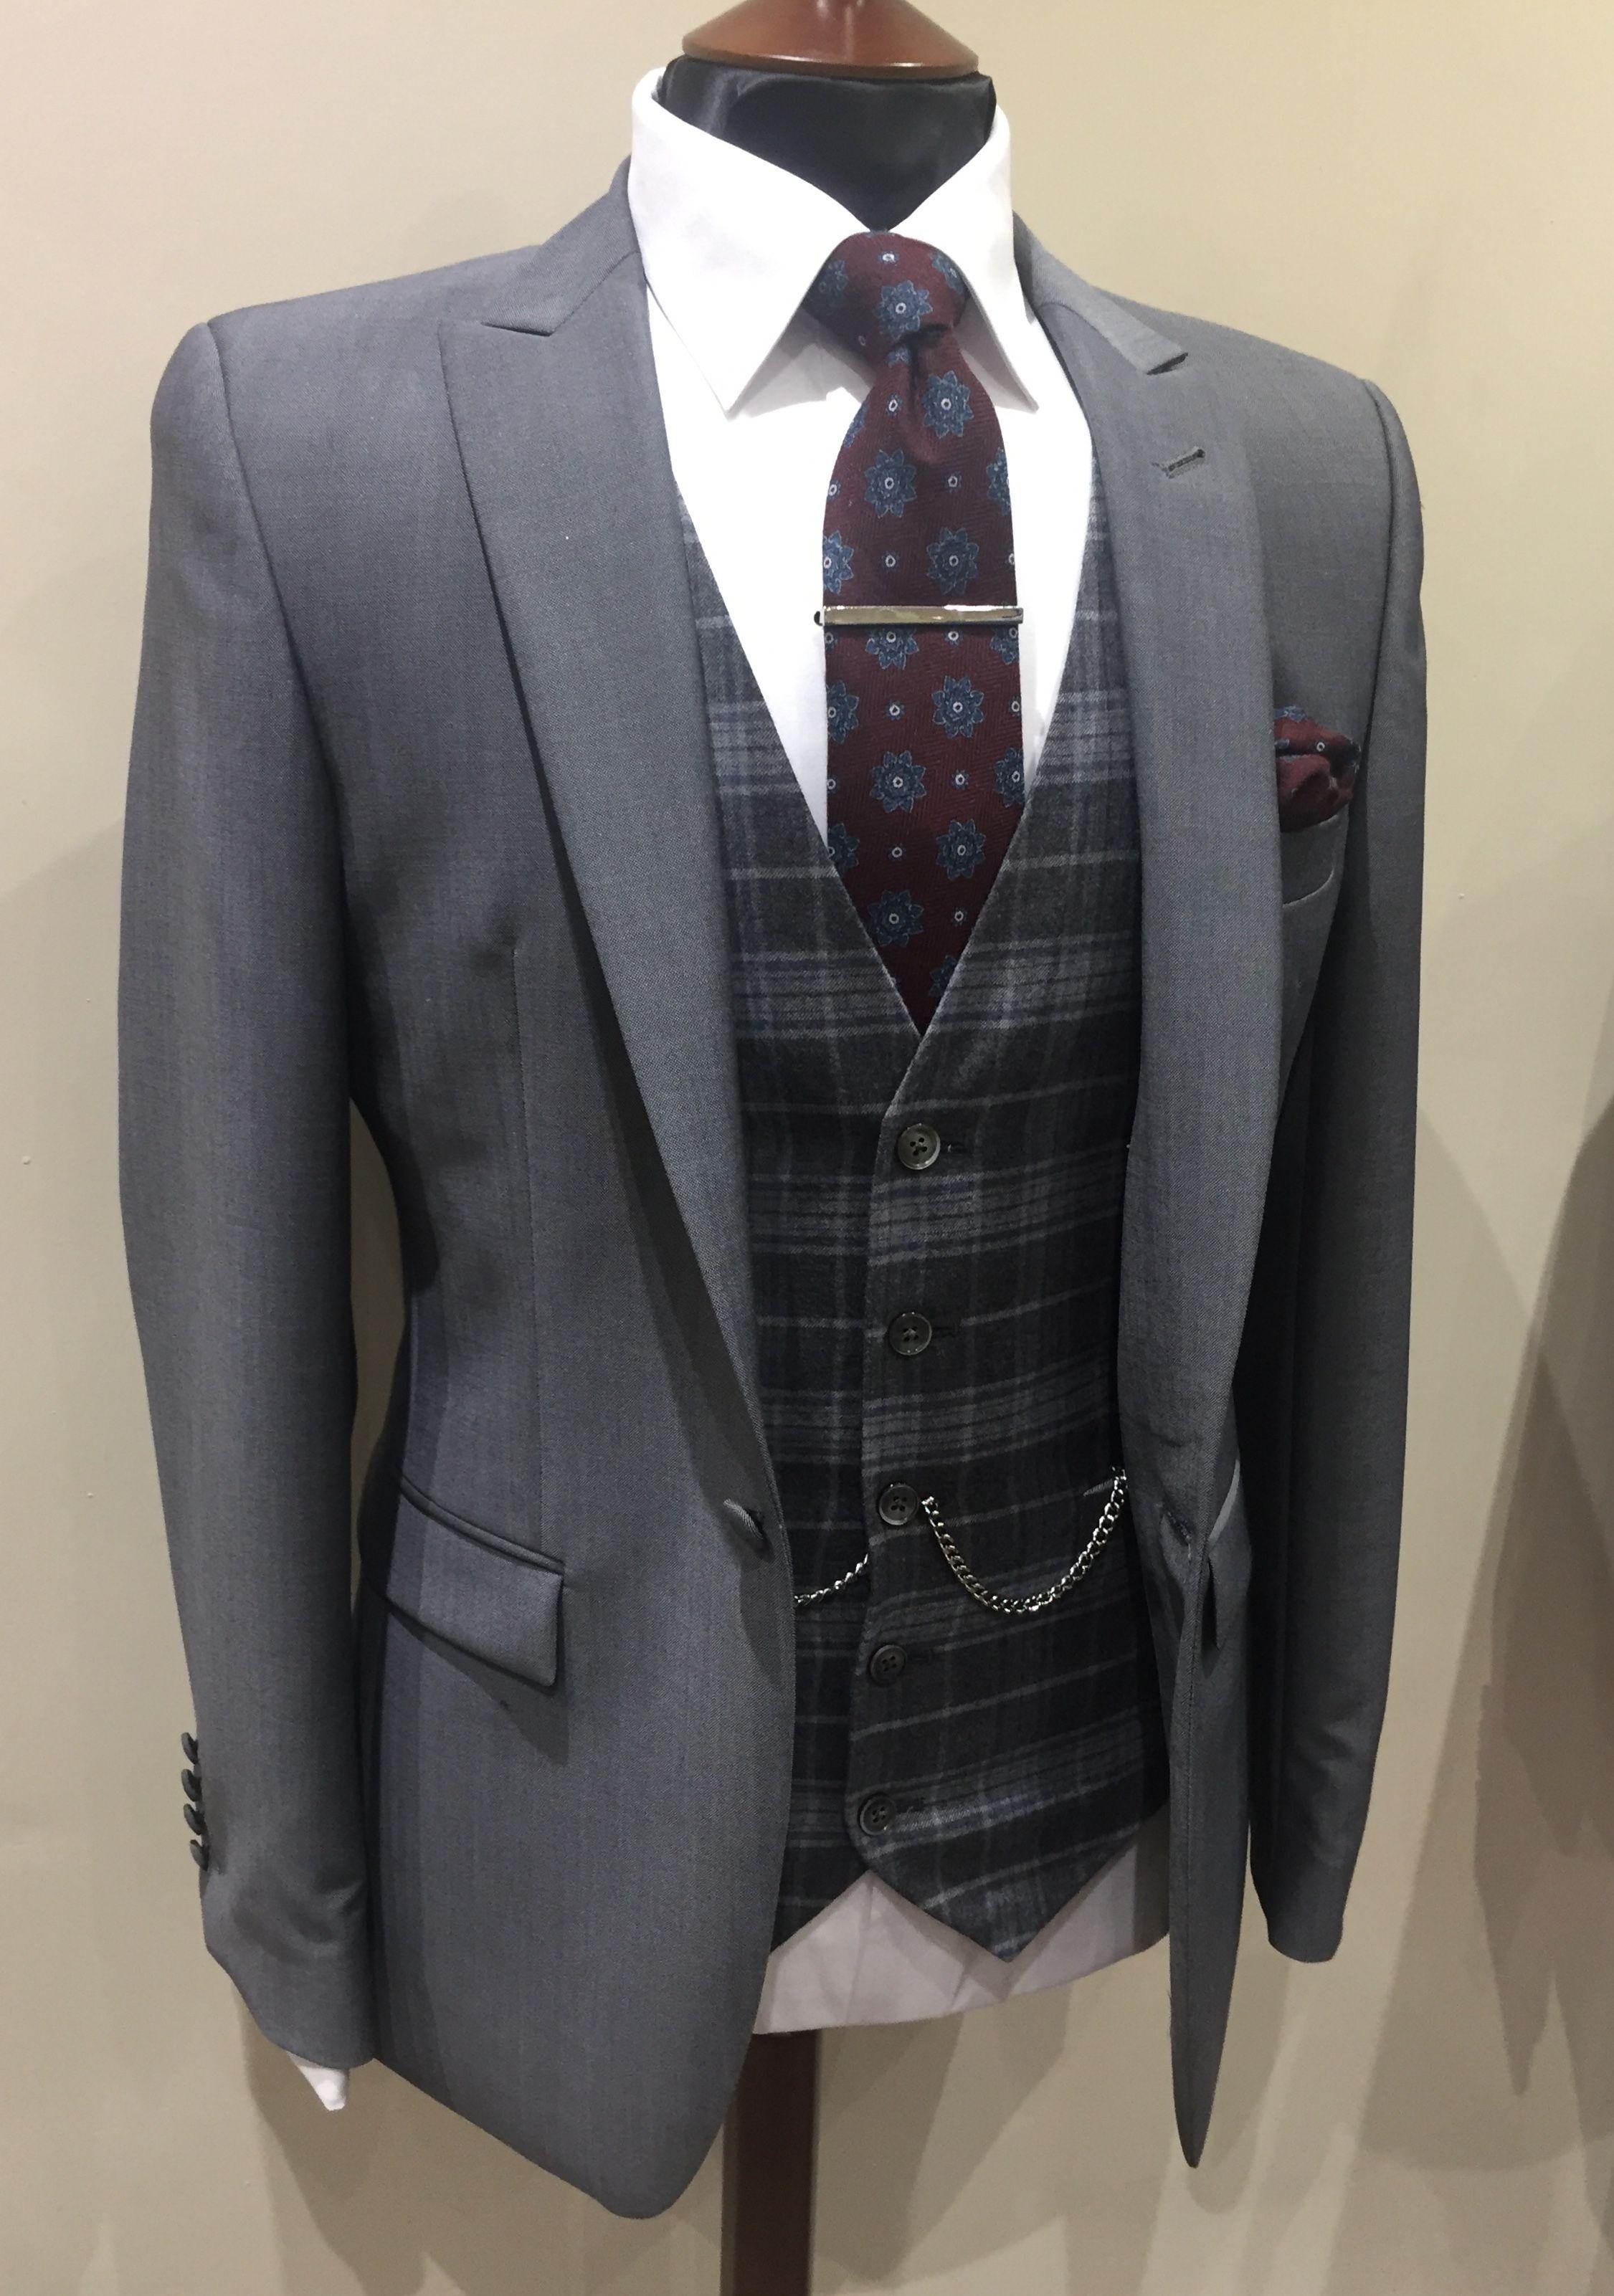 Slim Fit Grey Suit Grey Check Twee Waistcoat Burgundy Tie